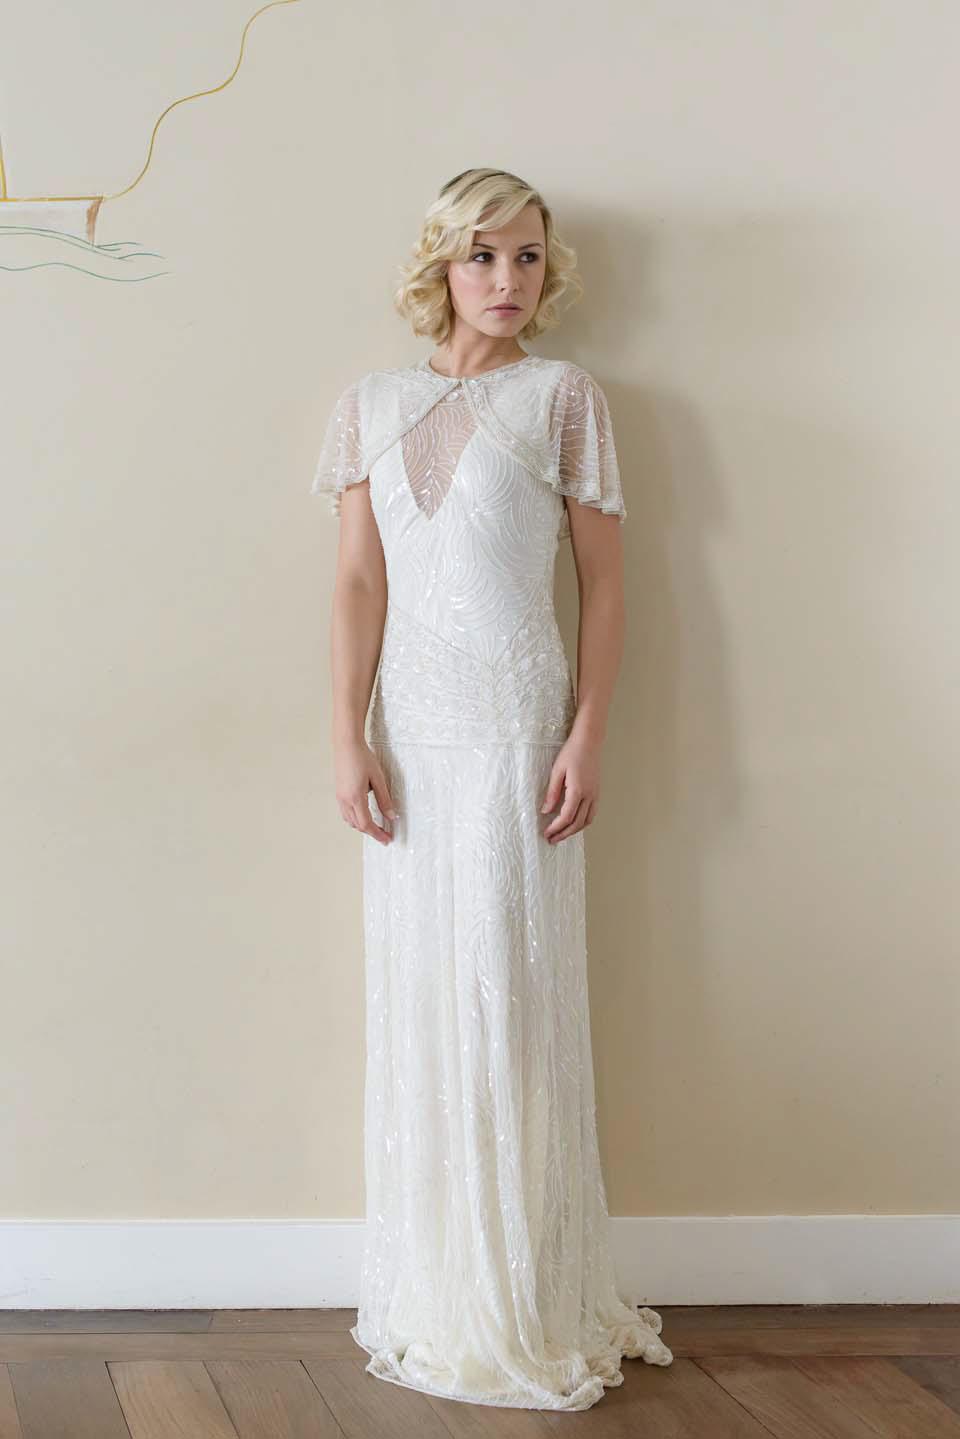 Nádherné svadobné šaty v štýle '20. rokov :) Vysnívané <3 - Obrázok č. 1